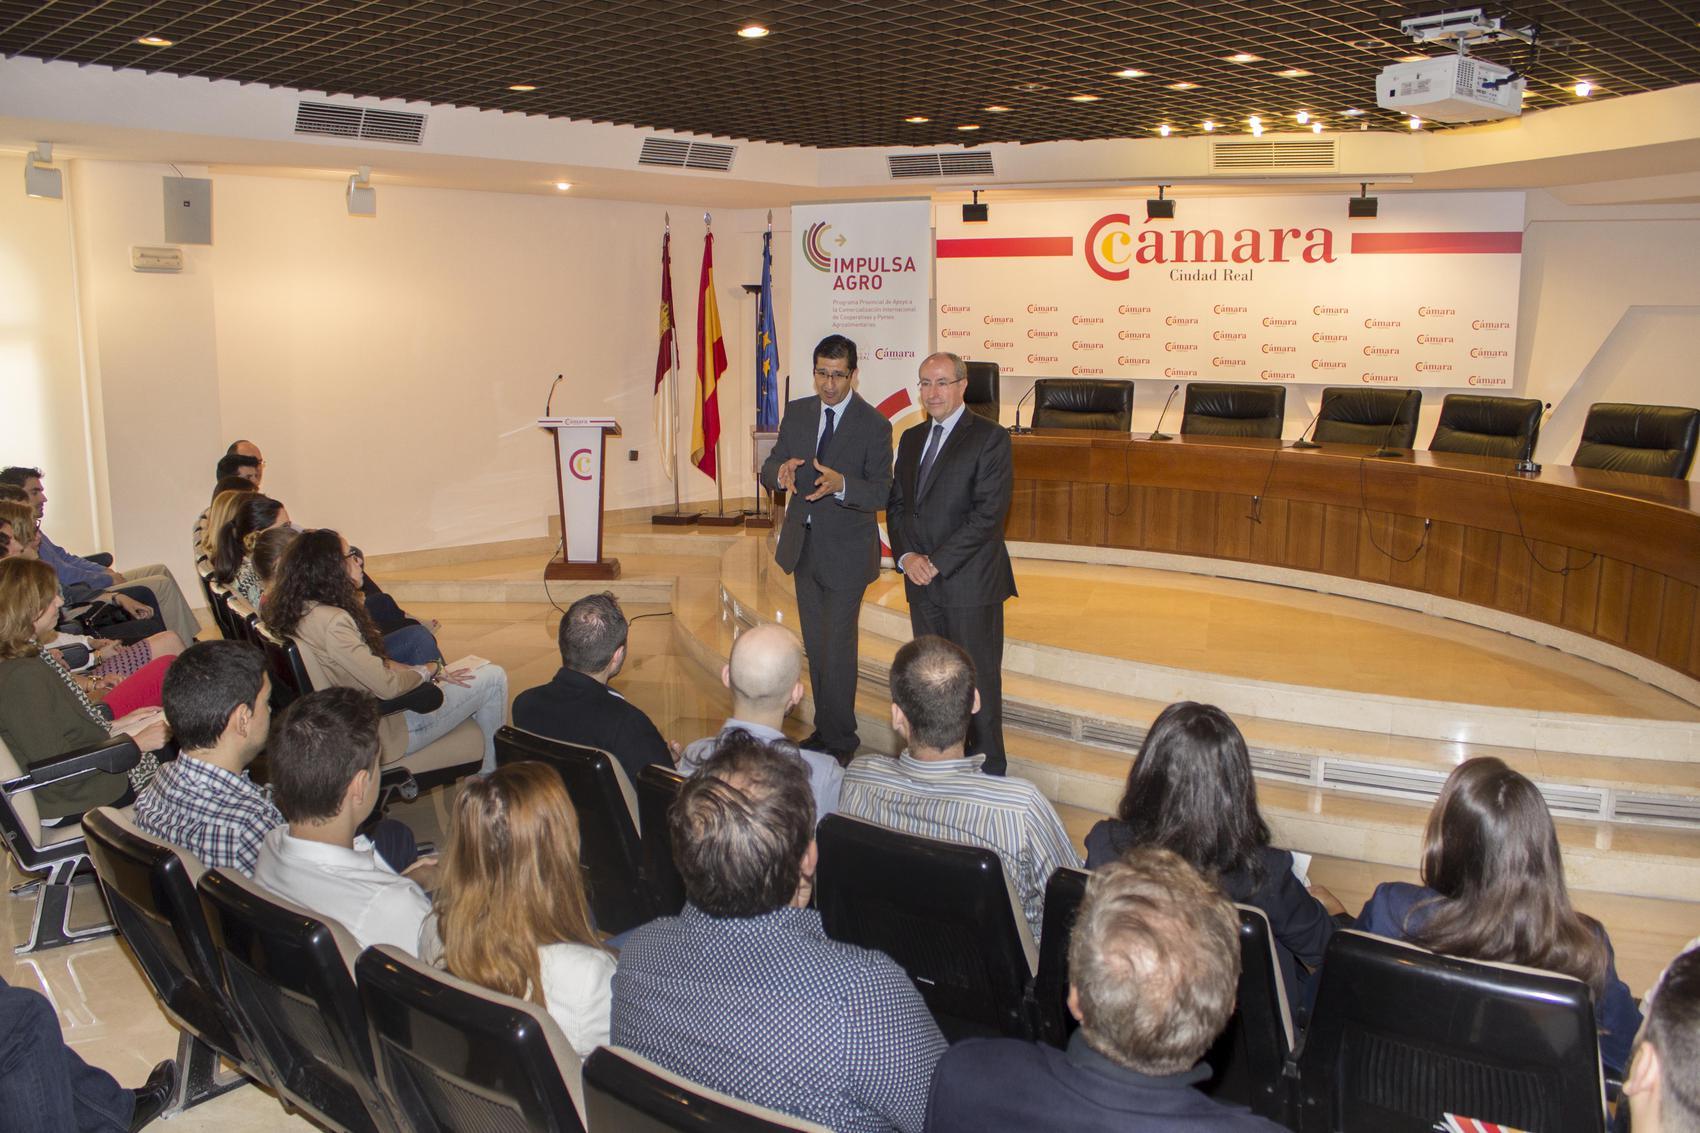 La Diputación apoya la internacionalización en el sector agroalimentario y retiene el talento